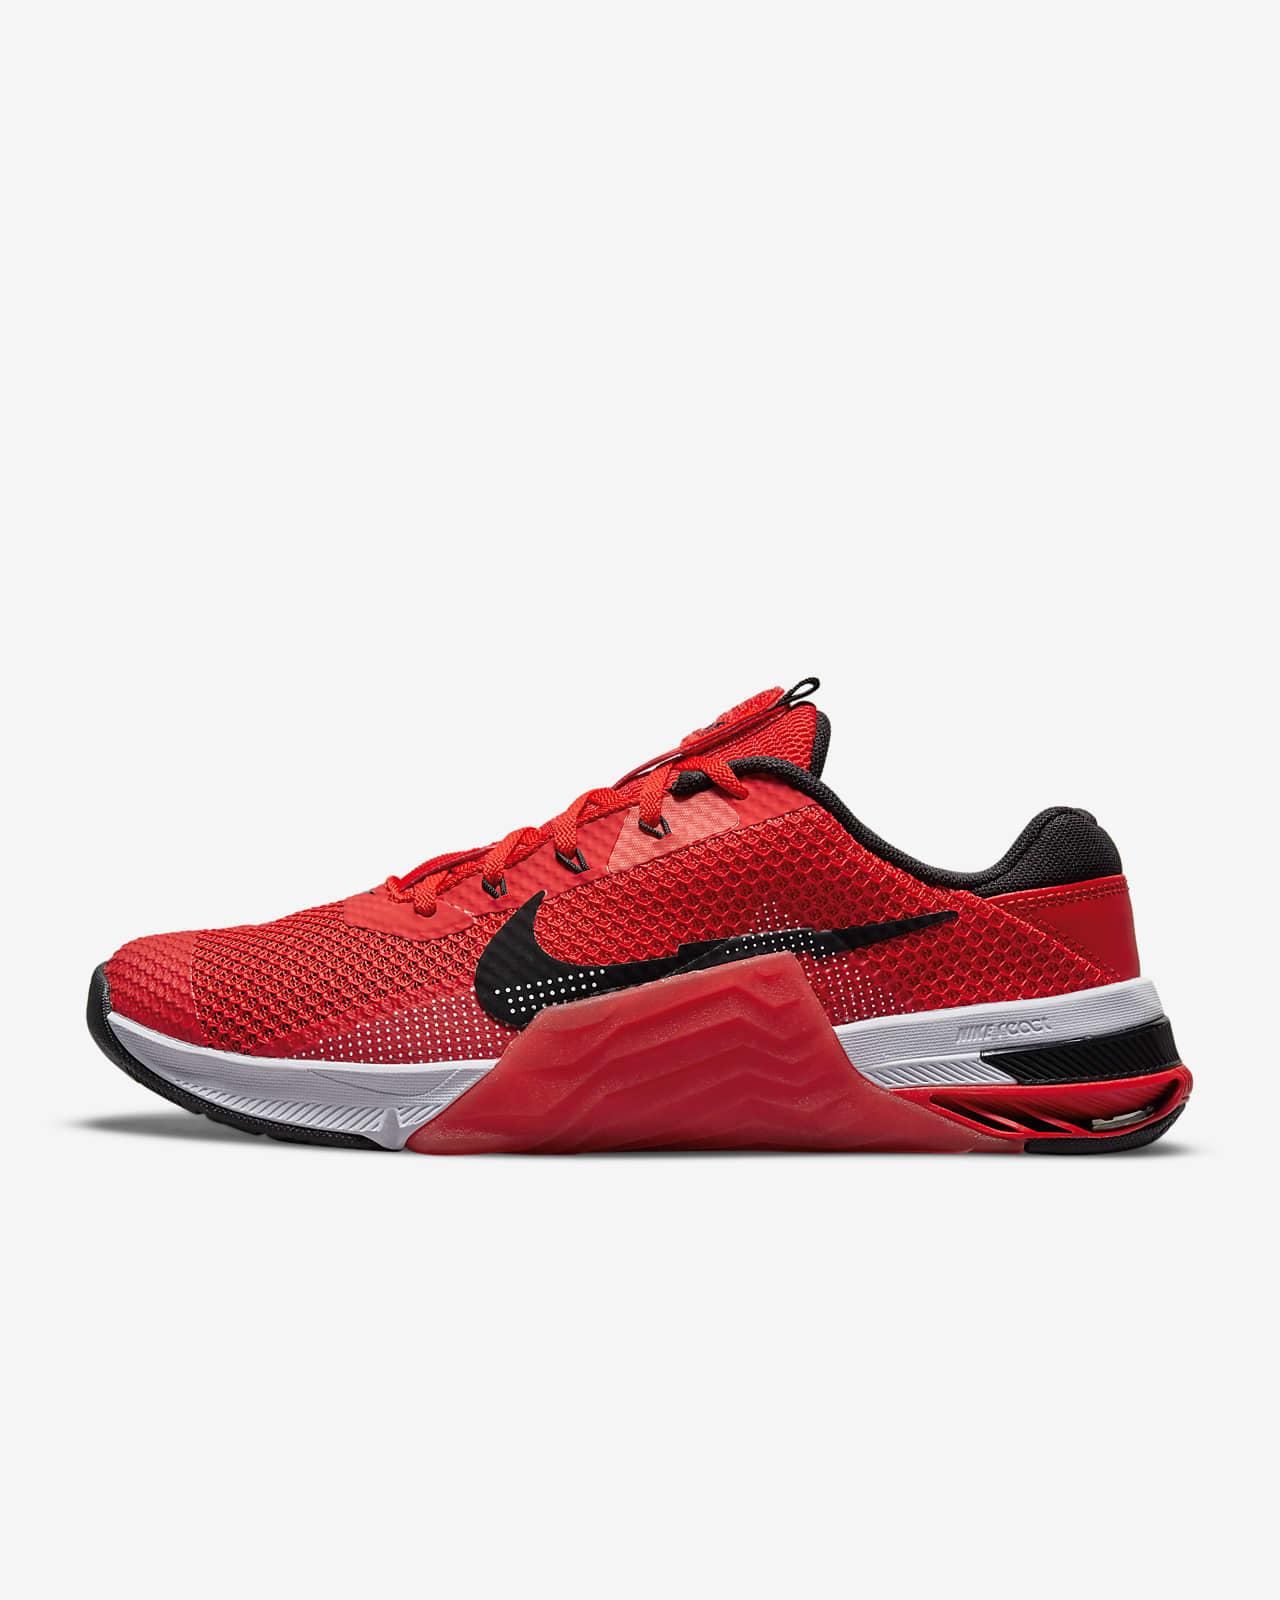 Sapatilhas de treino Nike Metcon 7